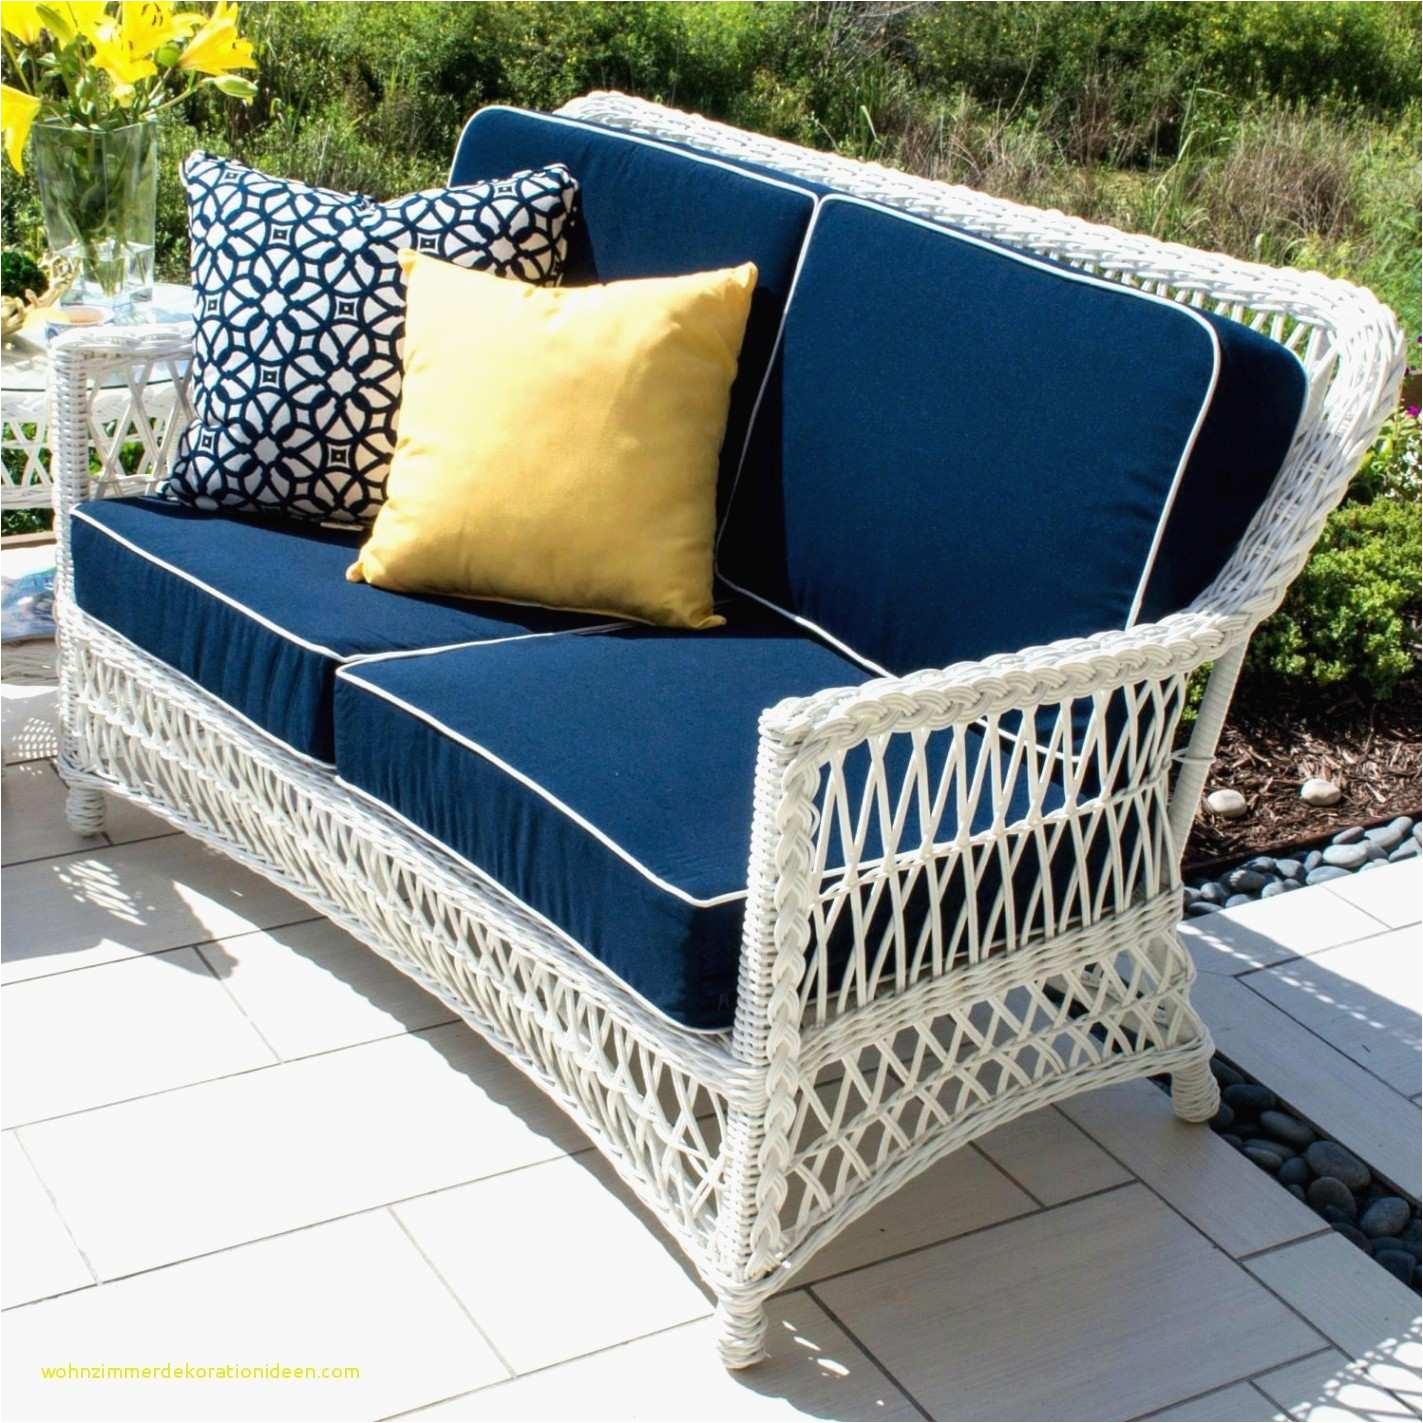 philadelphia gardens awesome sofa elektrisch best 3er sofa grau cool sofa 3 5 sitzer 20 03